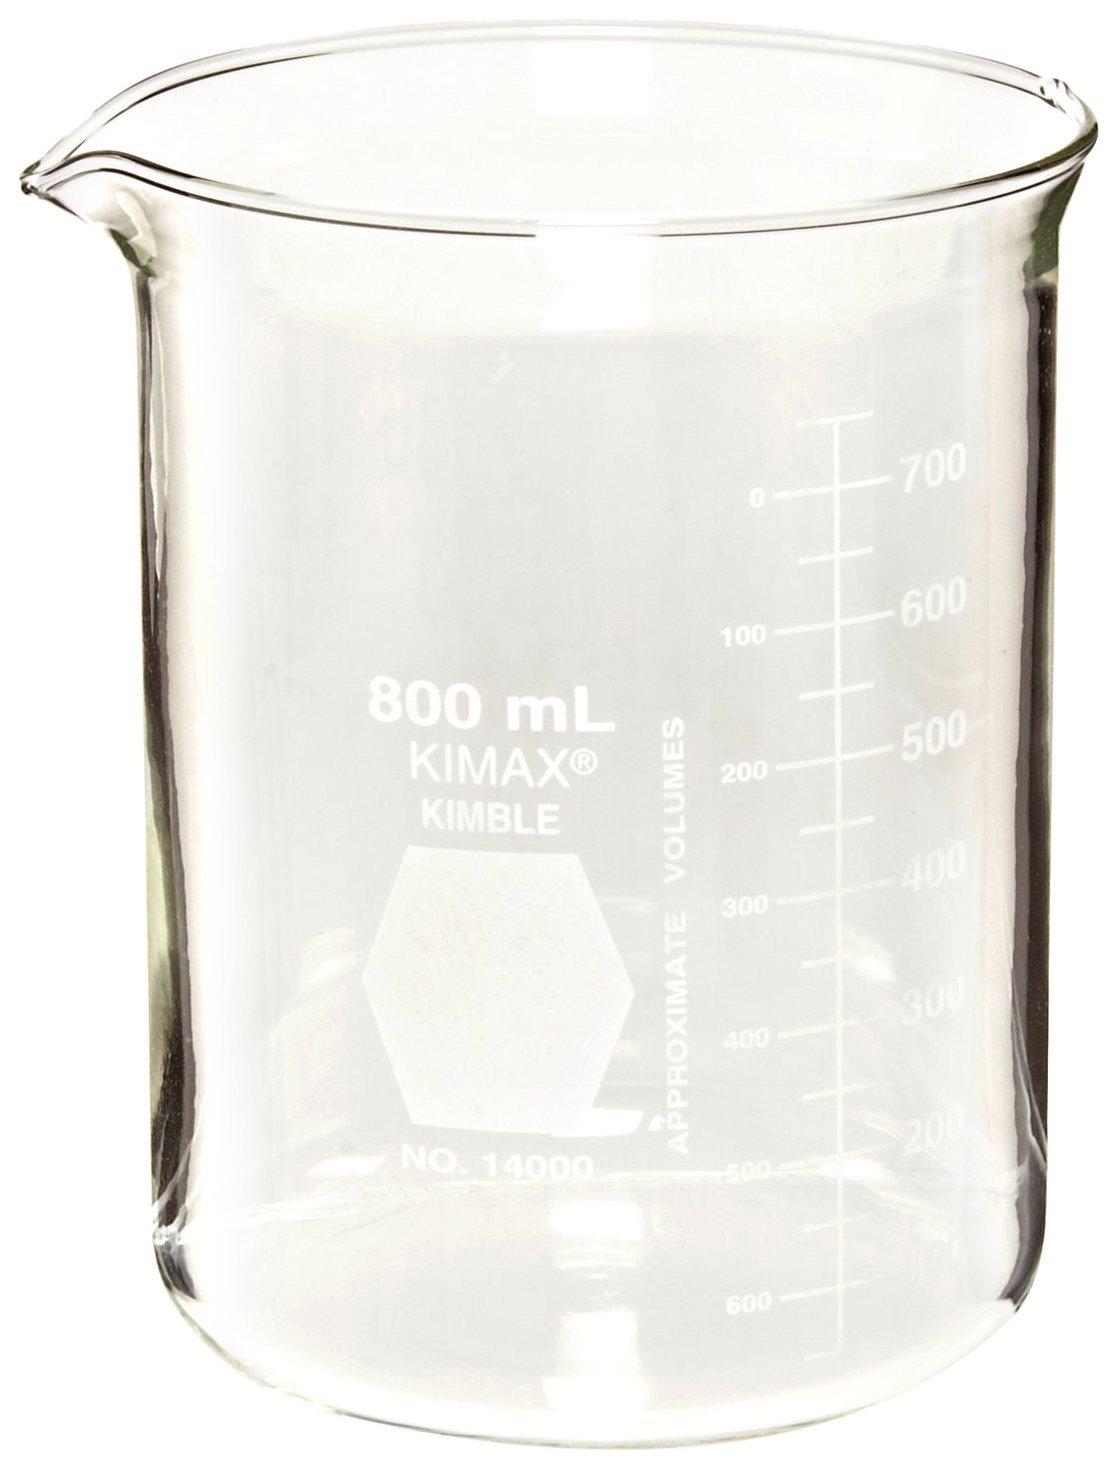 14000-4000 Cristal Forma Baja Griffin Cubilete con escala doble de capacidad, 500-3500mL graduación de intervalo, 4000ml de capacidad, 250 ml Graduación ...